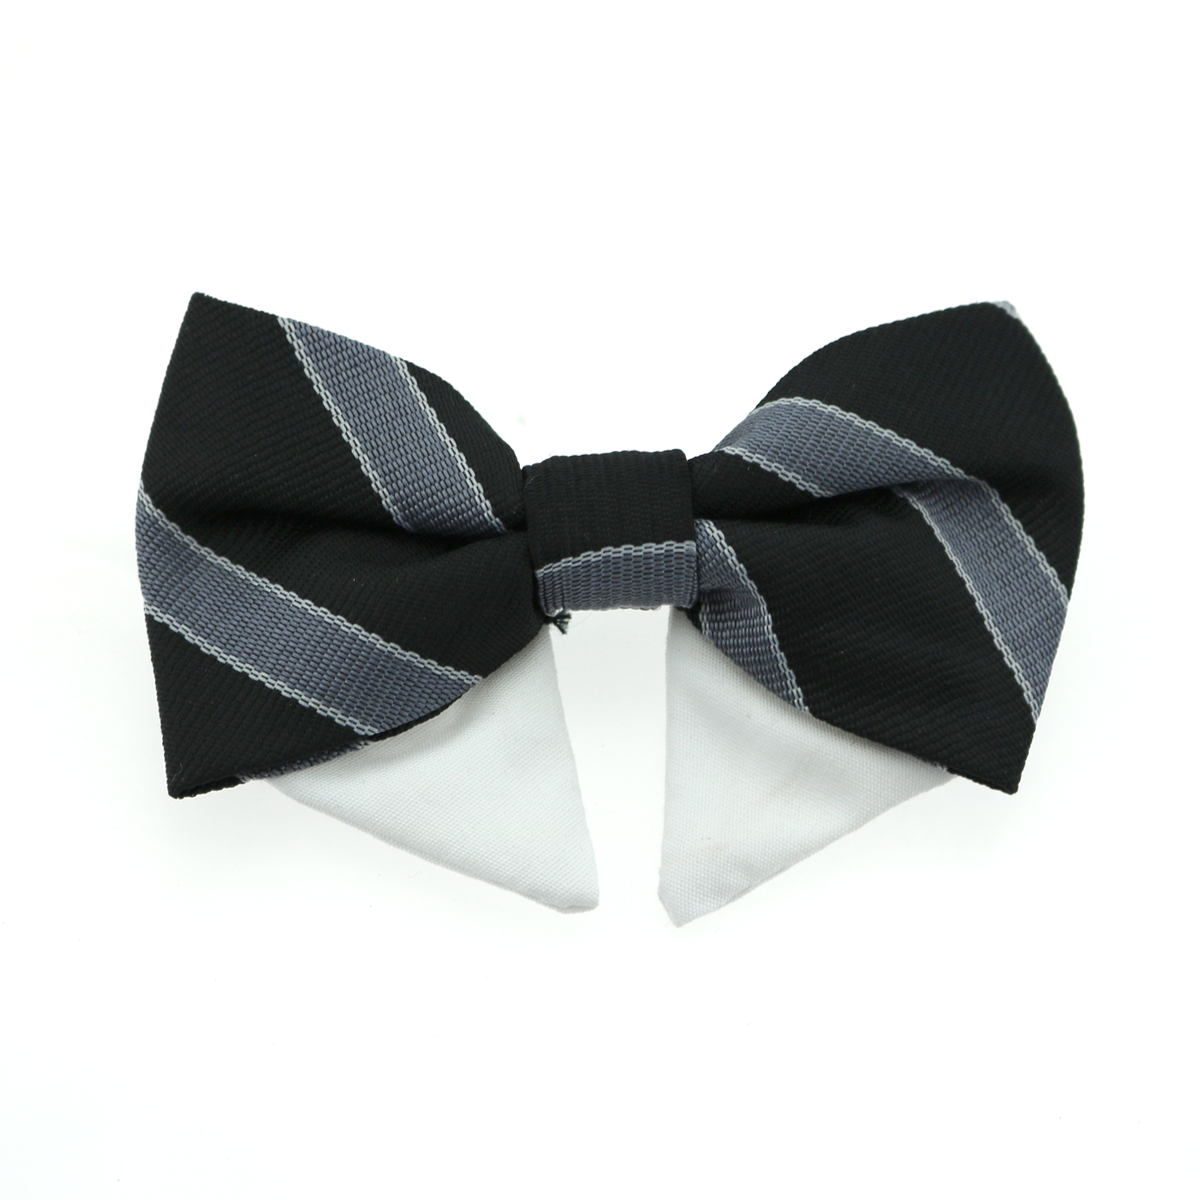 Dog Bow Tie Collar Attachment by Doggie Design - Black and Silver Stripe